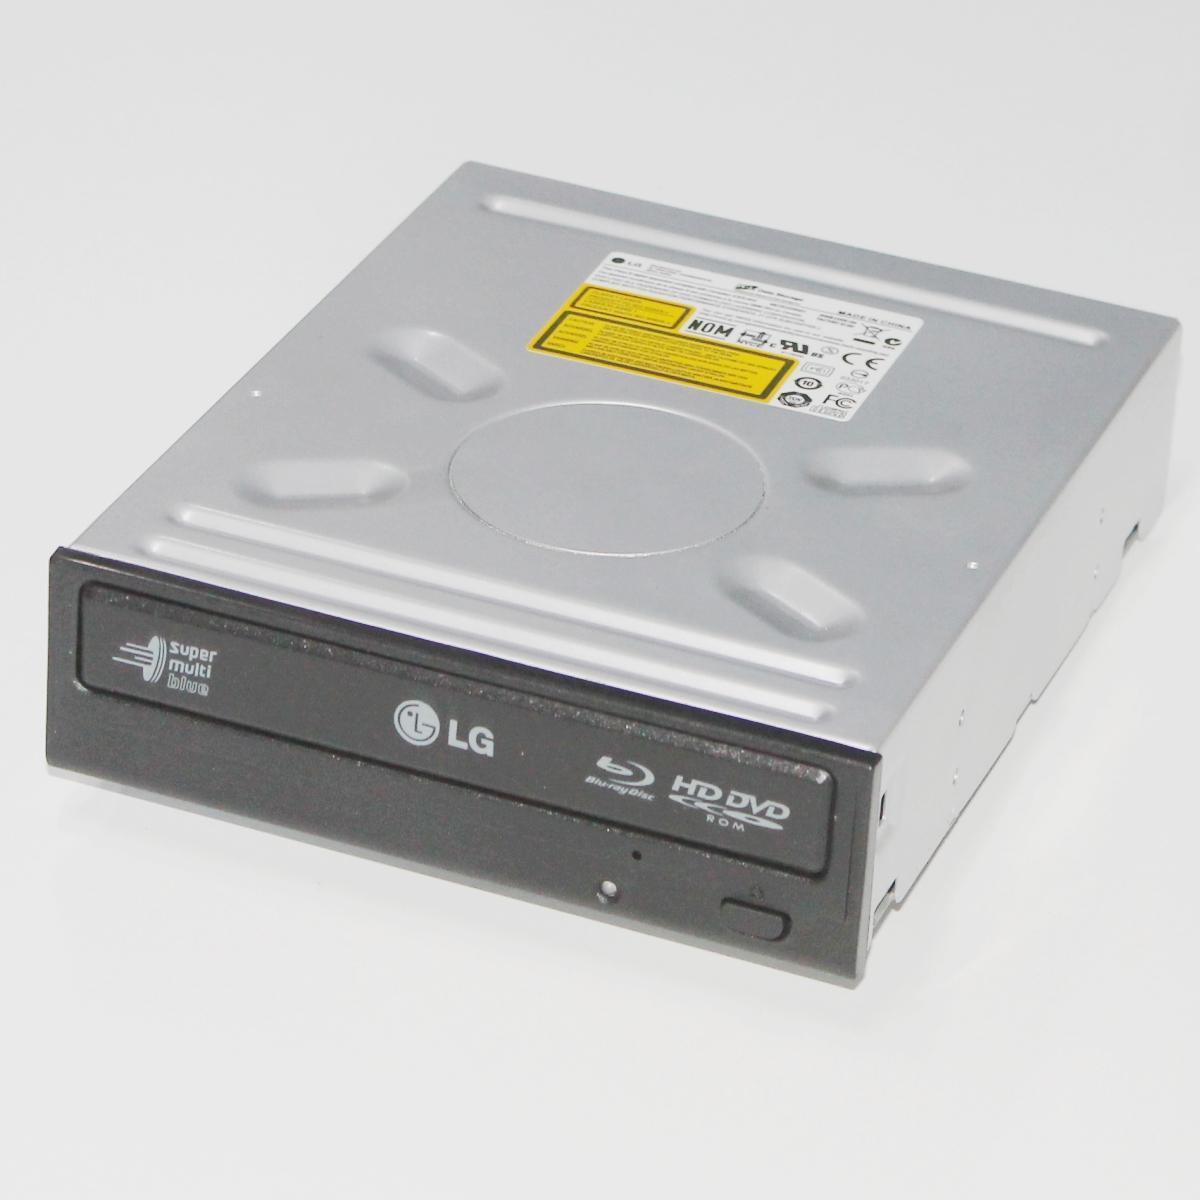 masterizzatore cd e dvd gratis